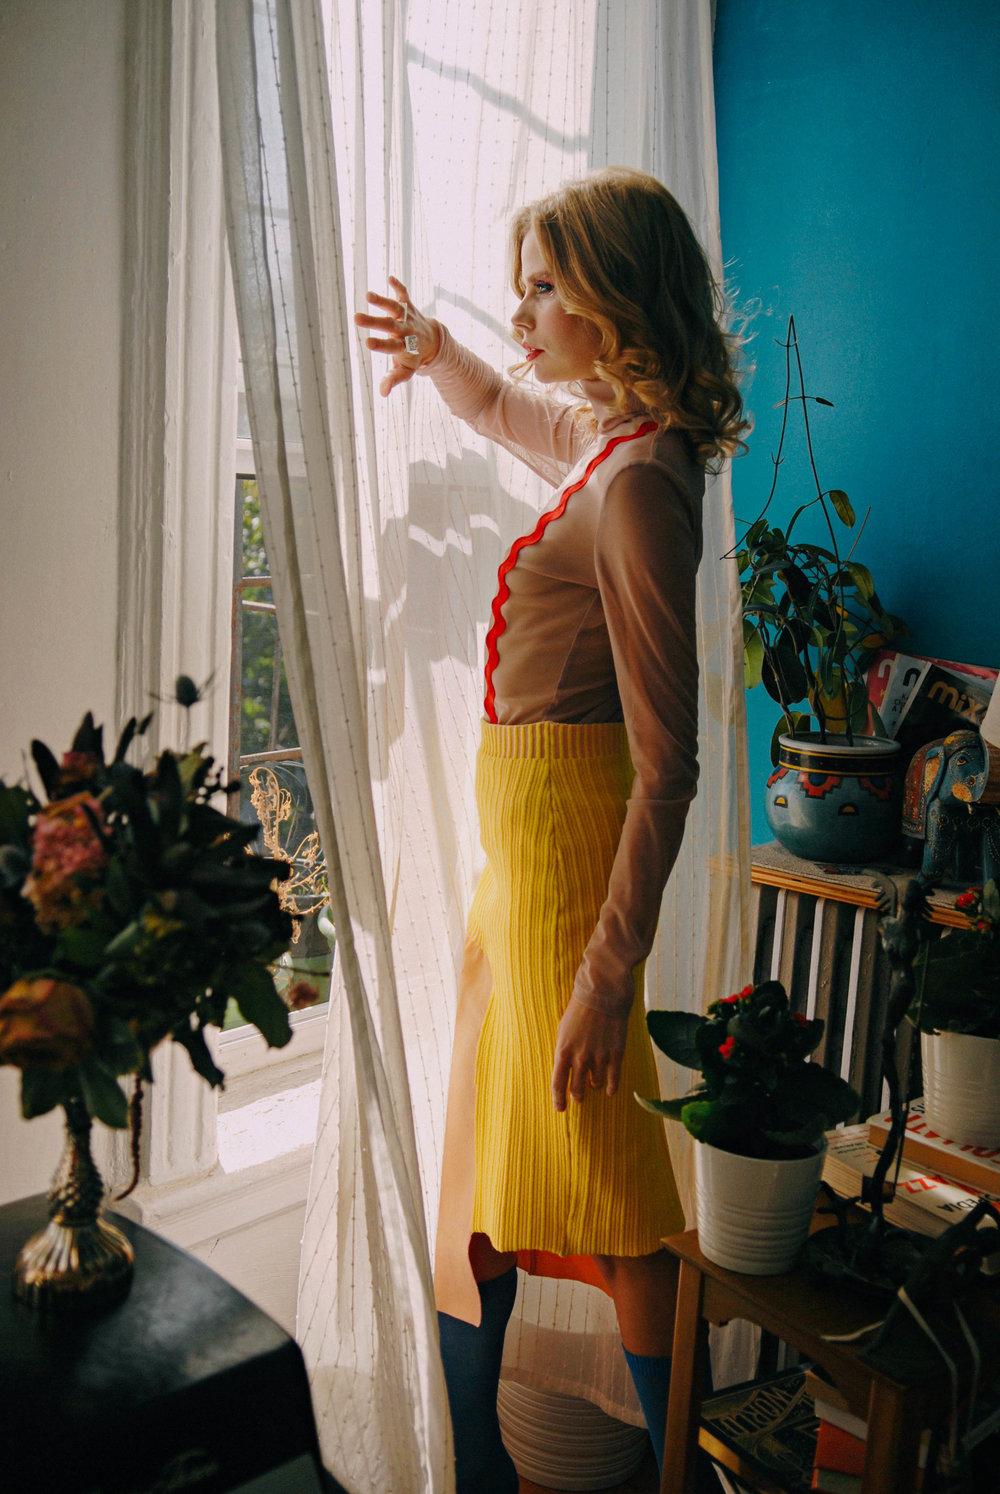 Top by Elena Rudenko  Skirt & booties by Zoe Champion knitwear